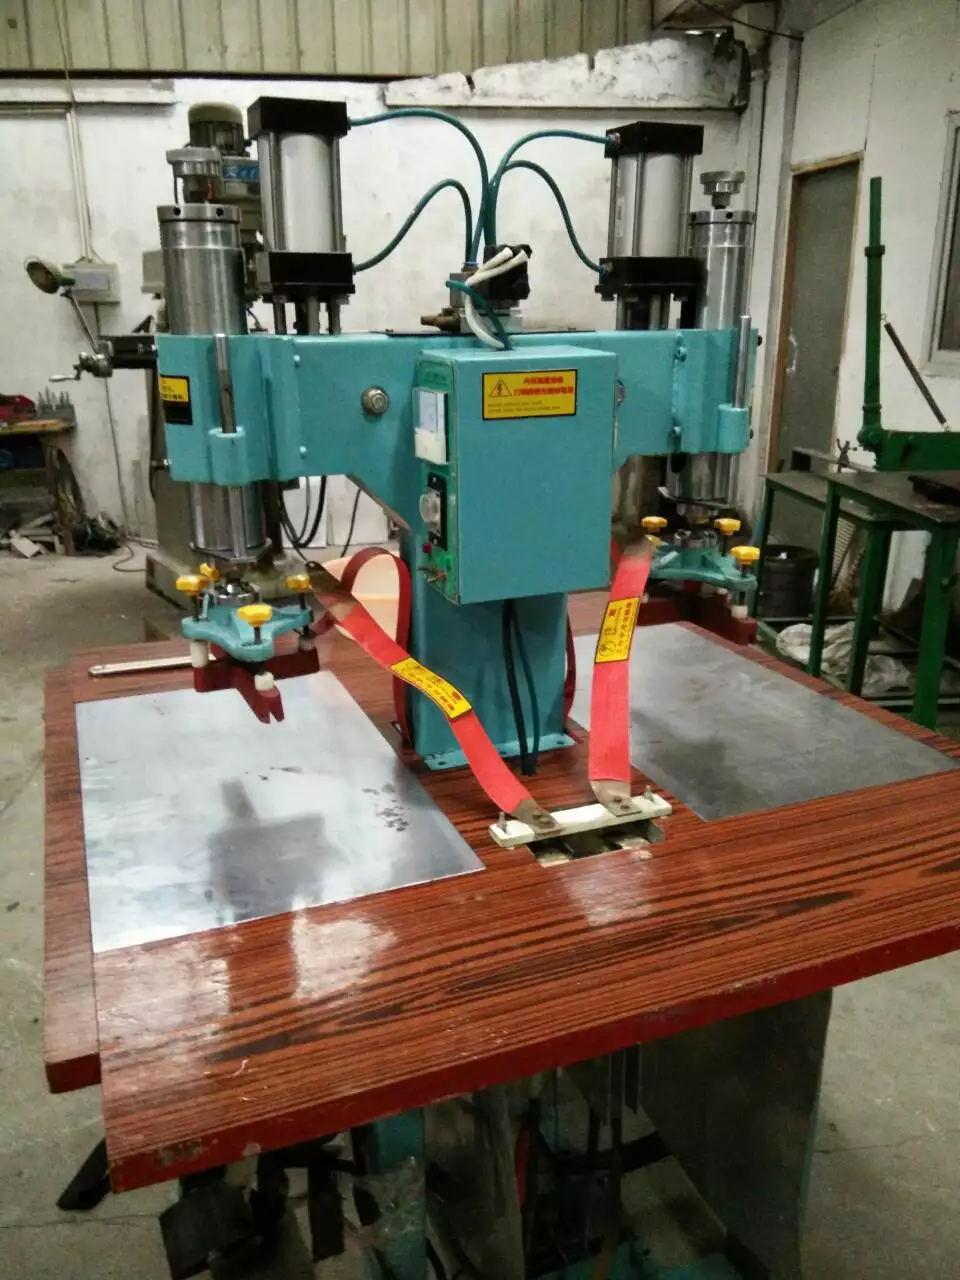 二手5KW高周波塑胶熔接机代理加盟_为您提供优质的二手5KW高周波塑胶熔接机